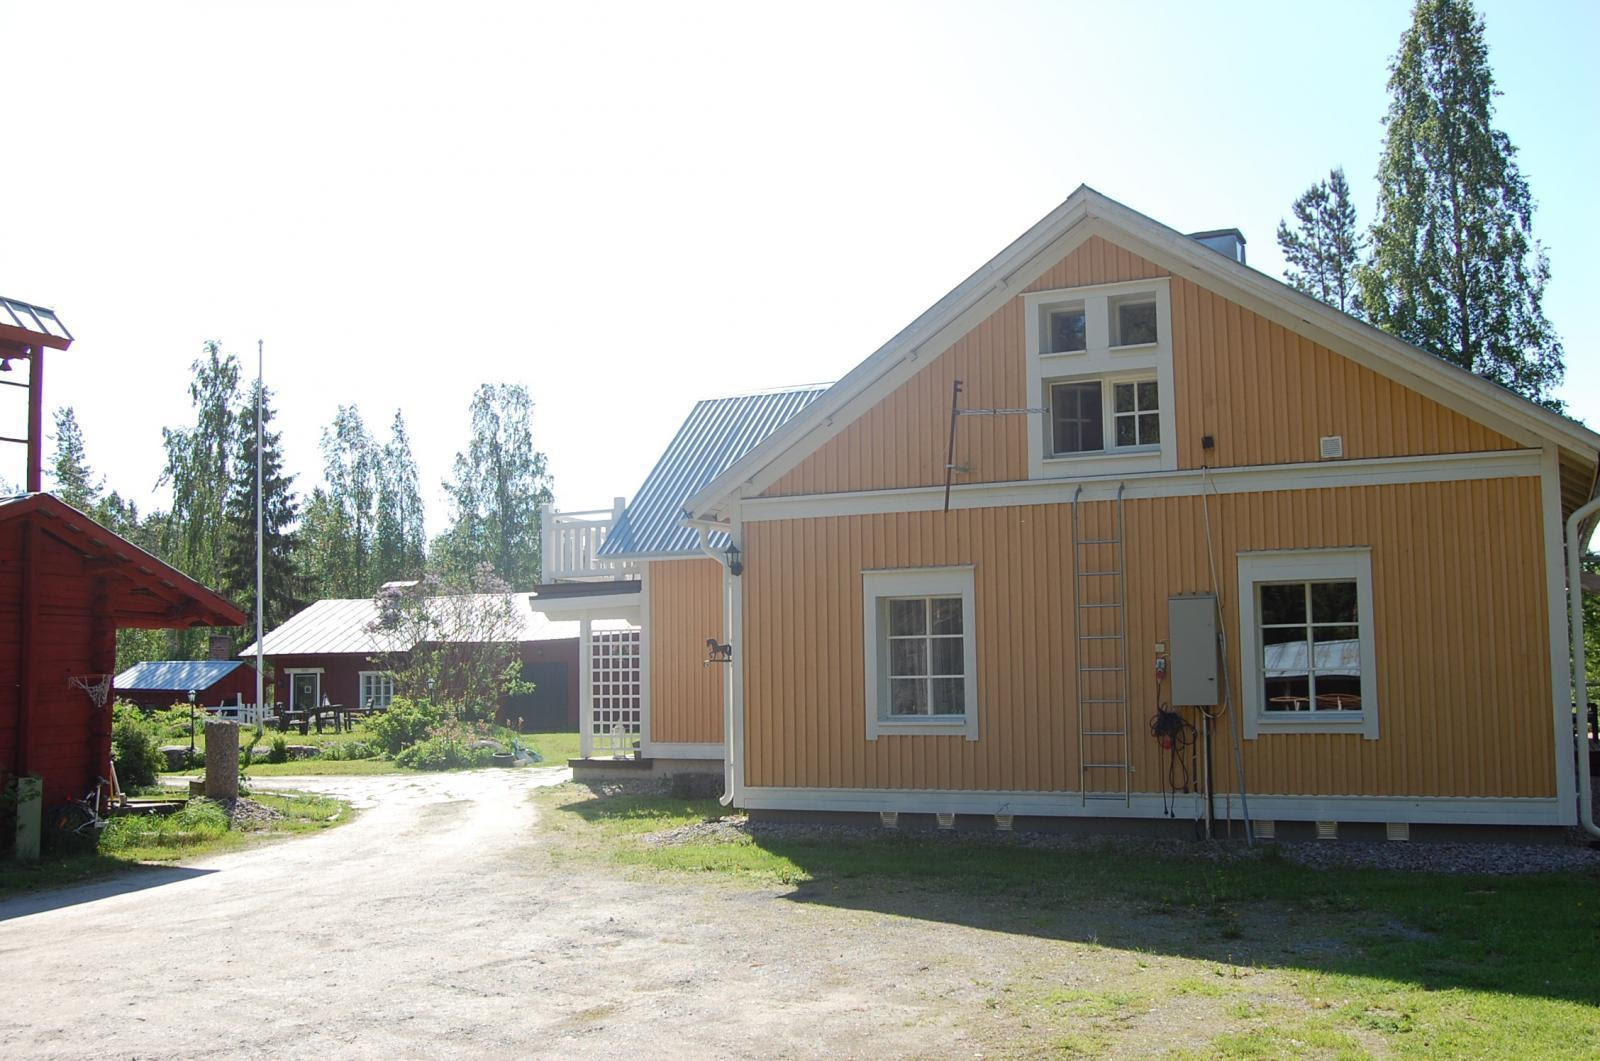 Vuokrataan Omakotitalo Jyväskylä